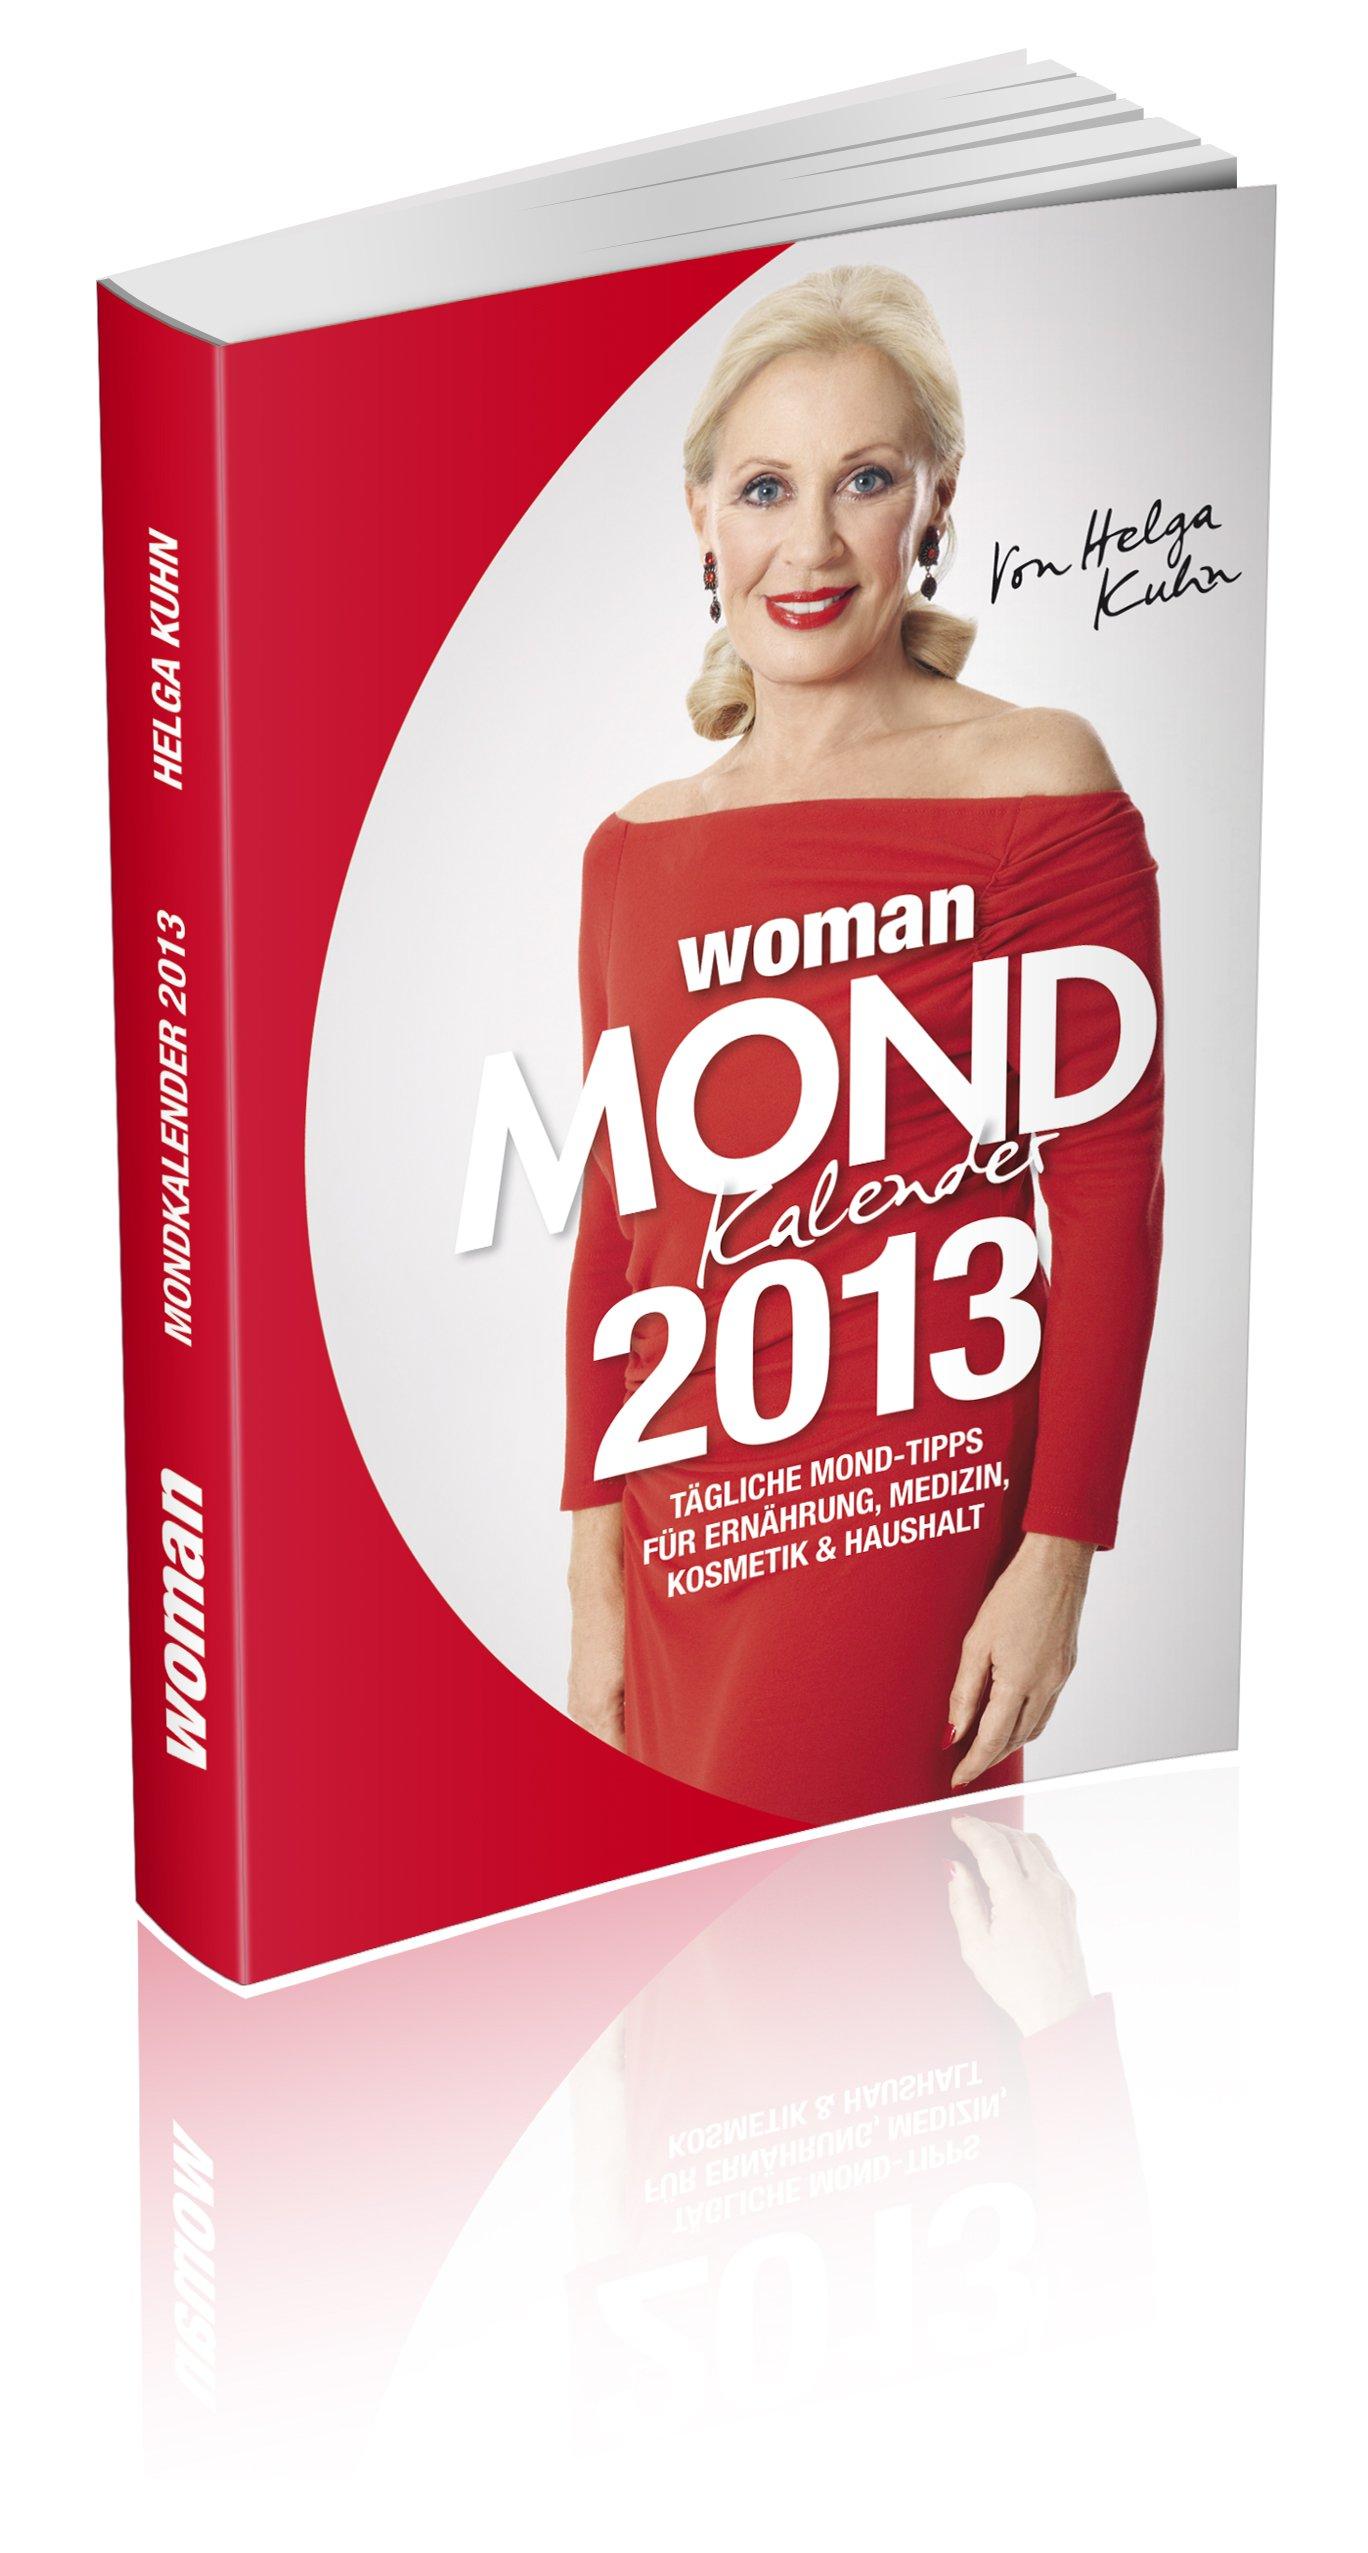 WOMAN Mondkalender 2013: Tägliche Mond-Tipps für Ernährung, Medizin, Kosmetik und Haushalt